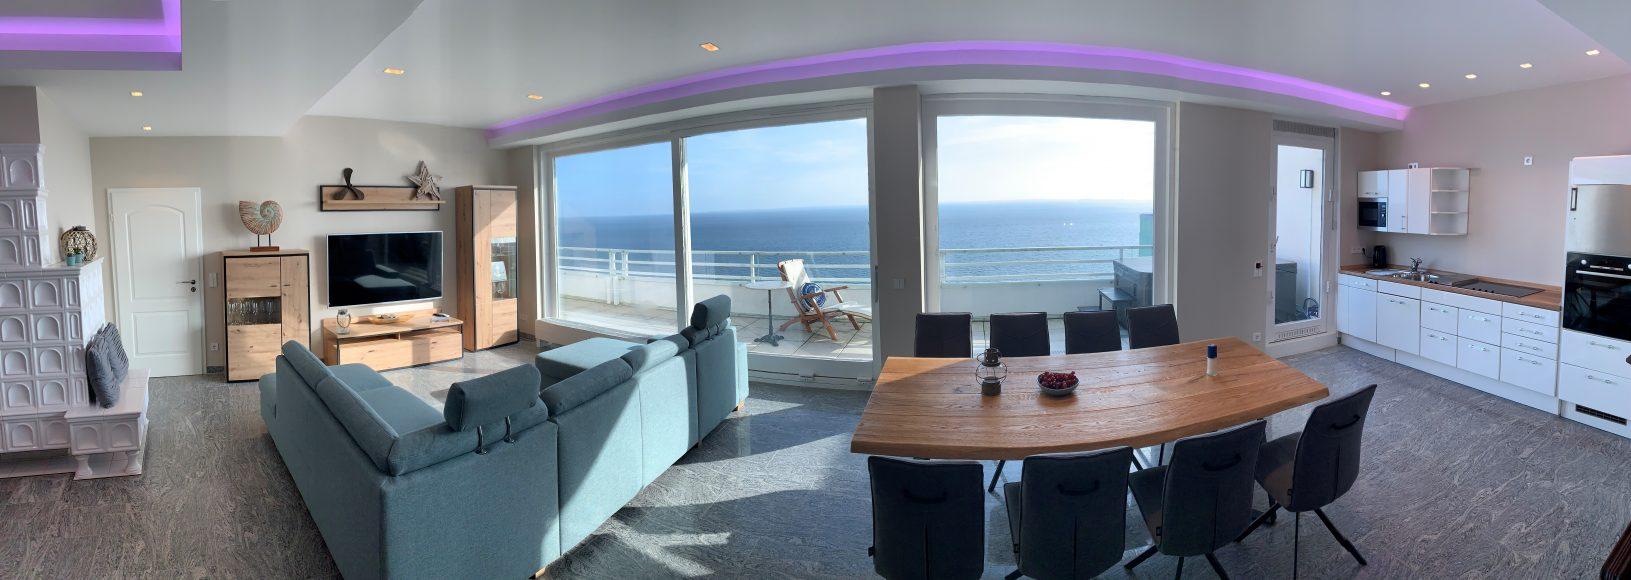 Panorama Wohn- und Esszimmer mit Küche